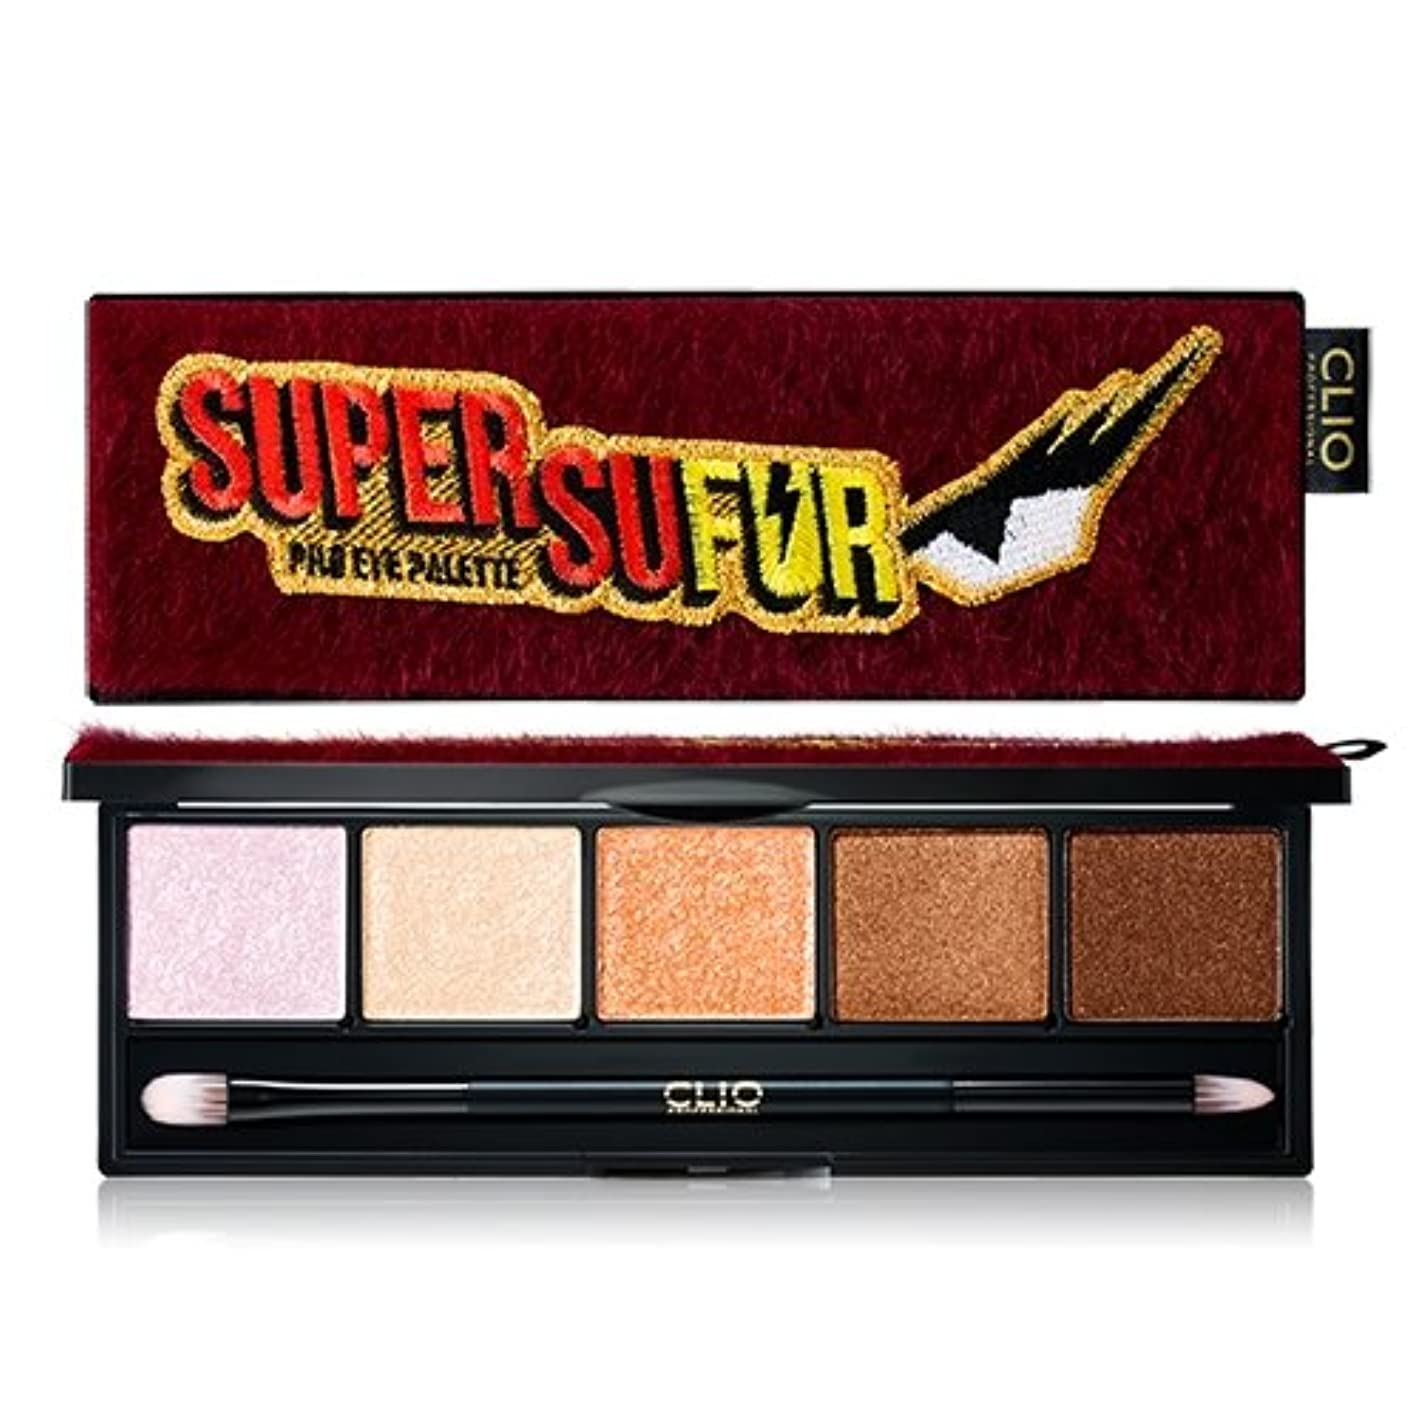 混沌水を飲む東ティモールCLIO Super Sufur Pro Layering Eye Palette 01.SUPER SUFUR [Limited Edition]/ クリオ スーパースーパープロレイヤ アイパレット [並行輸入品]